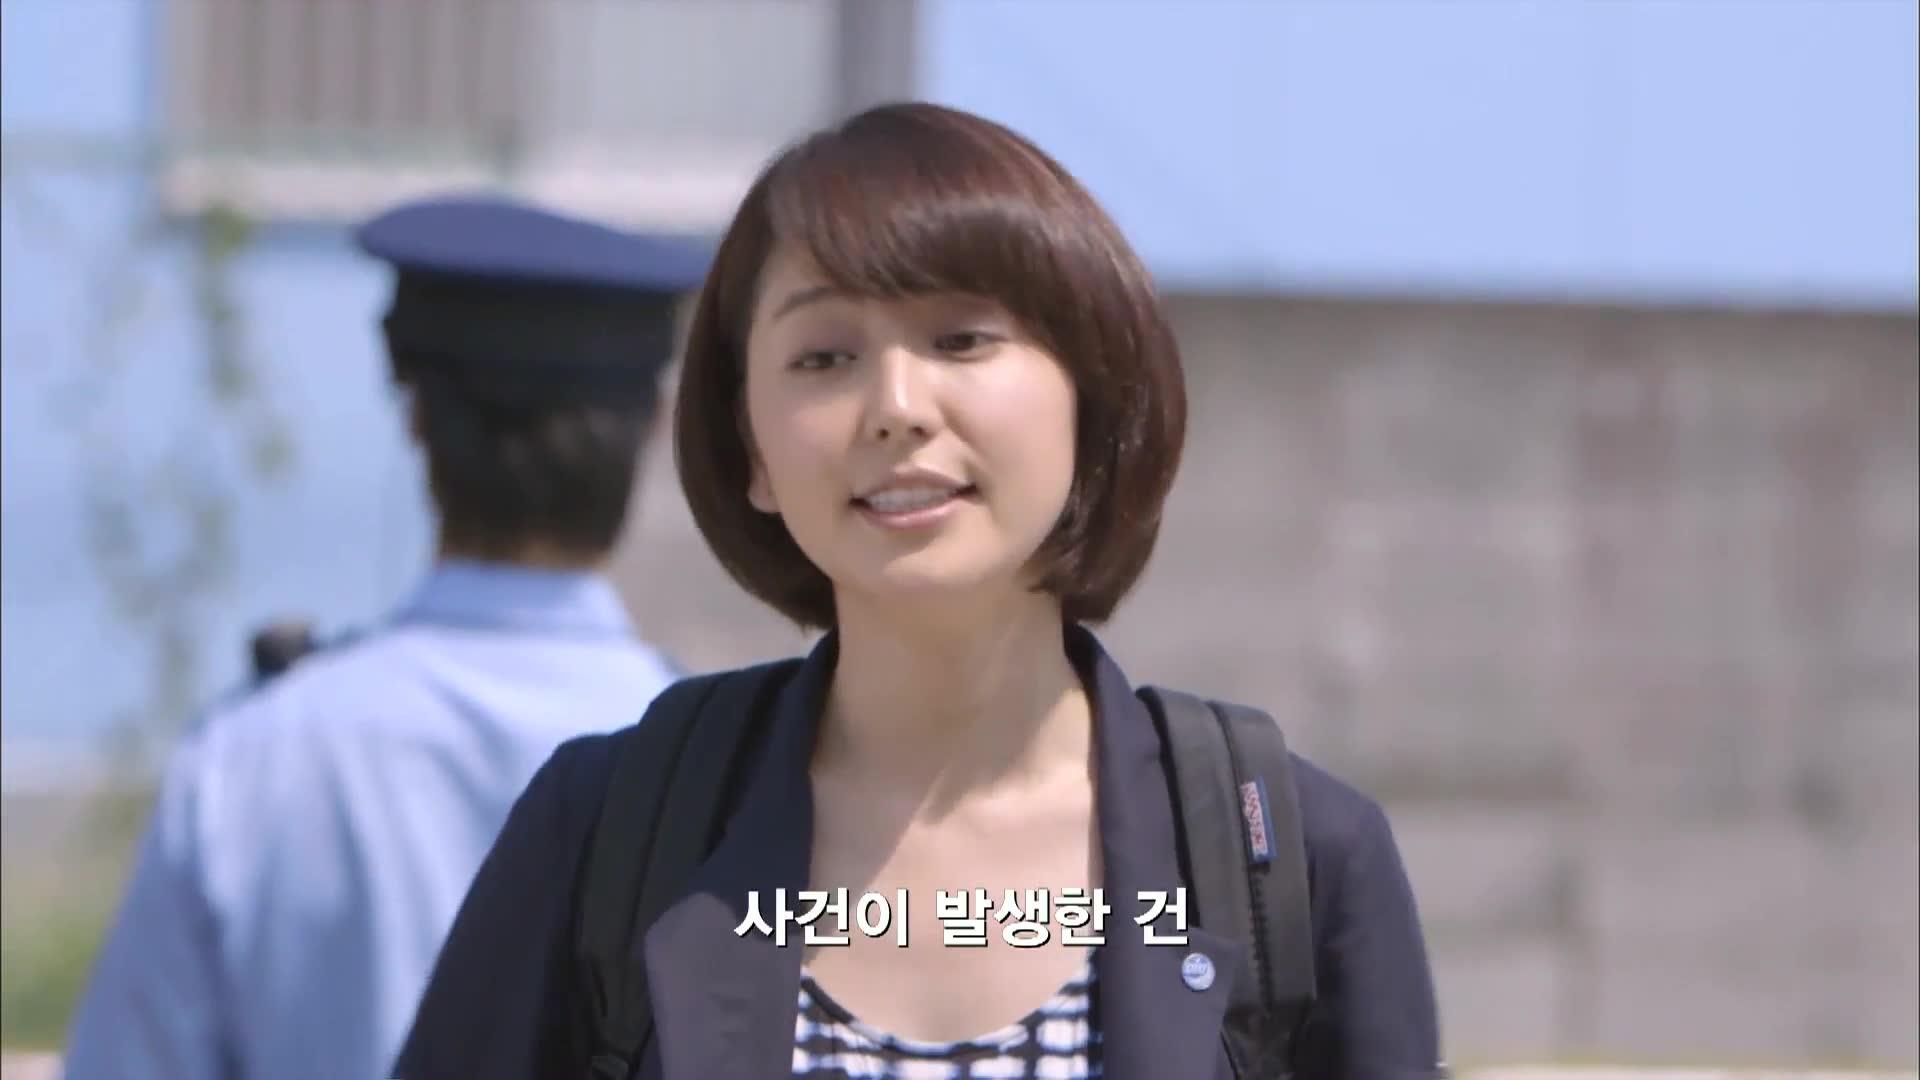 제4화 3억 엔 사건의 전설 의외의 진범!